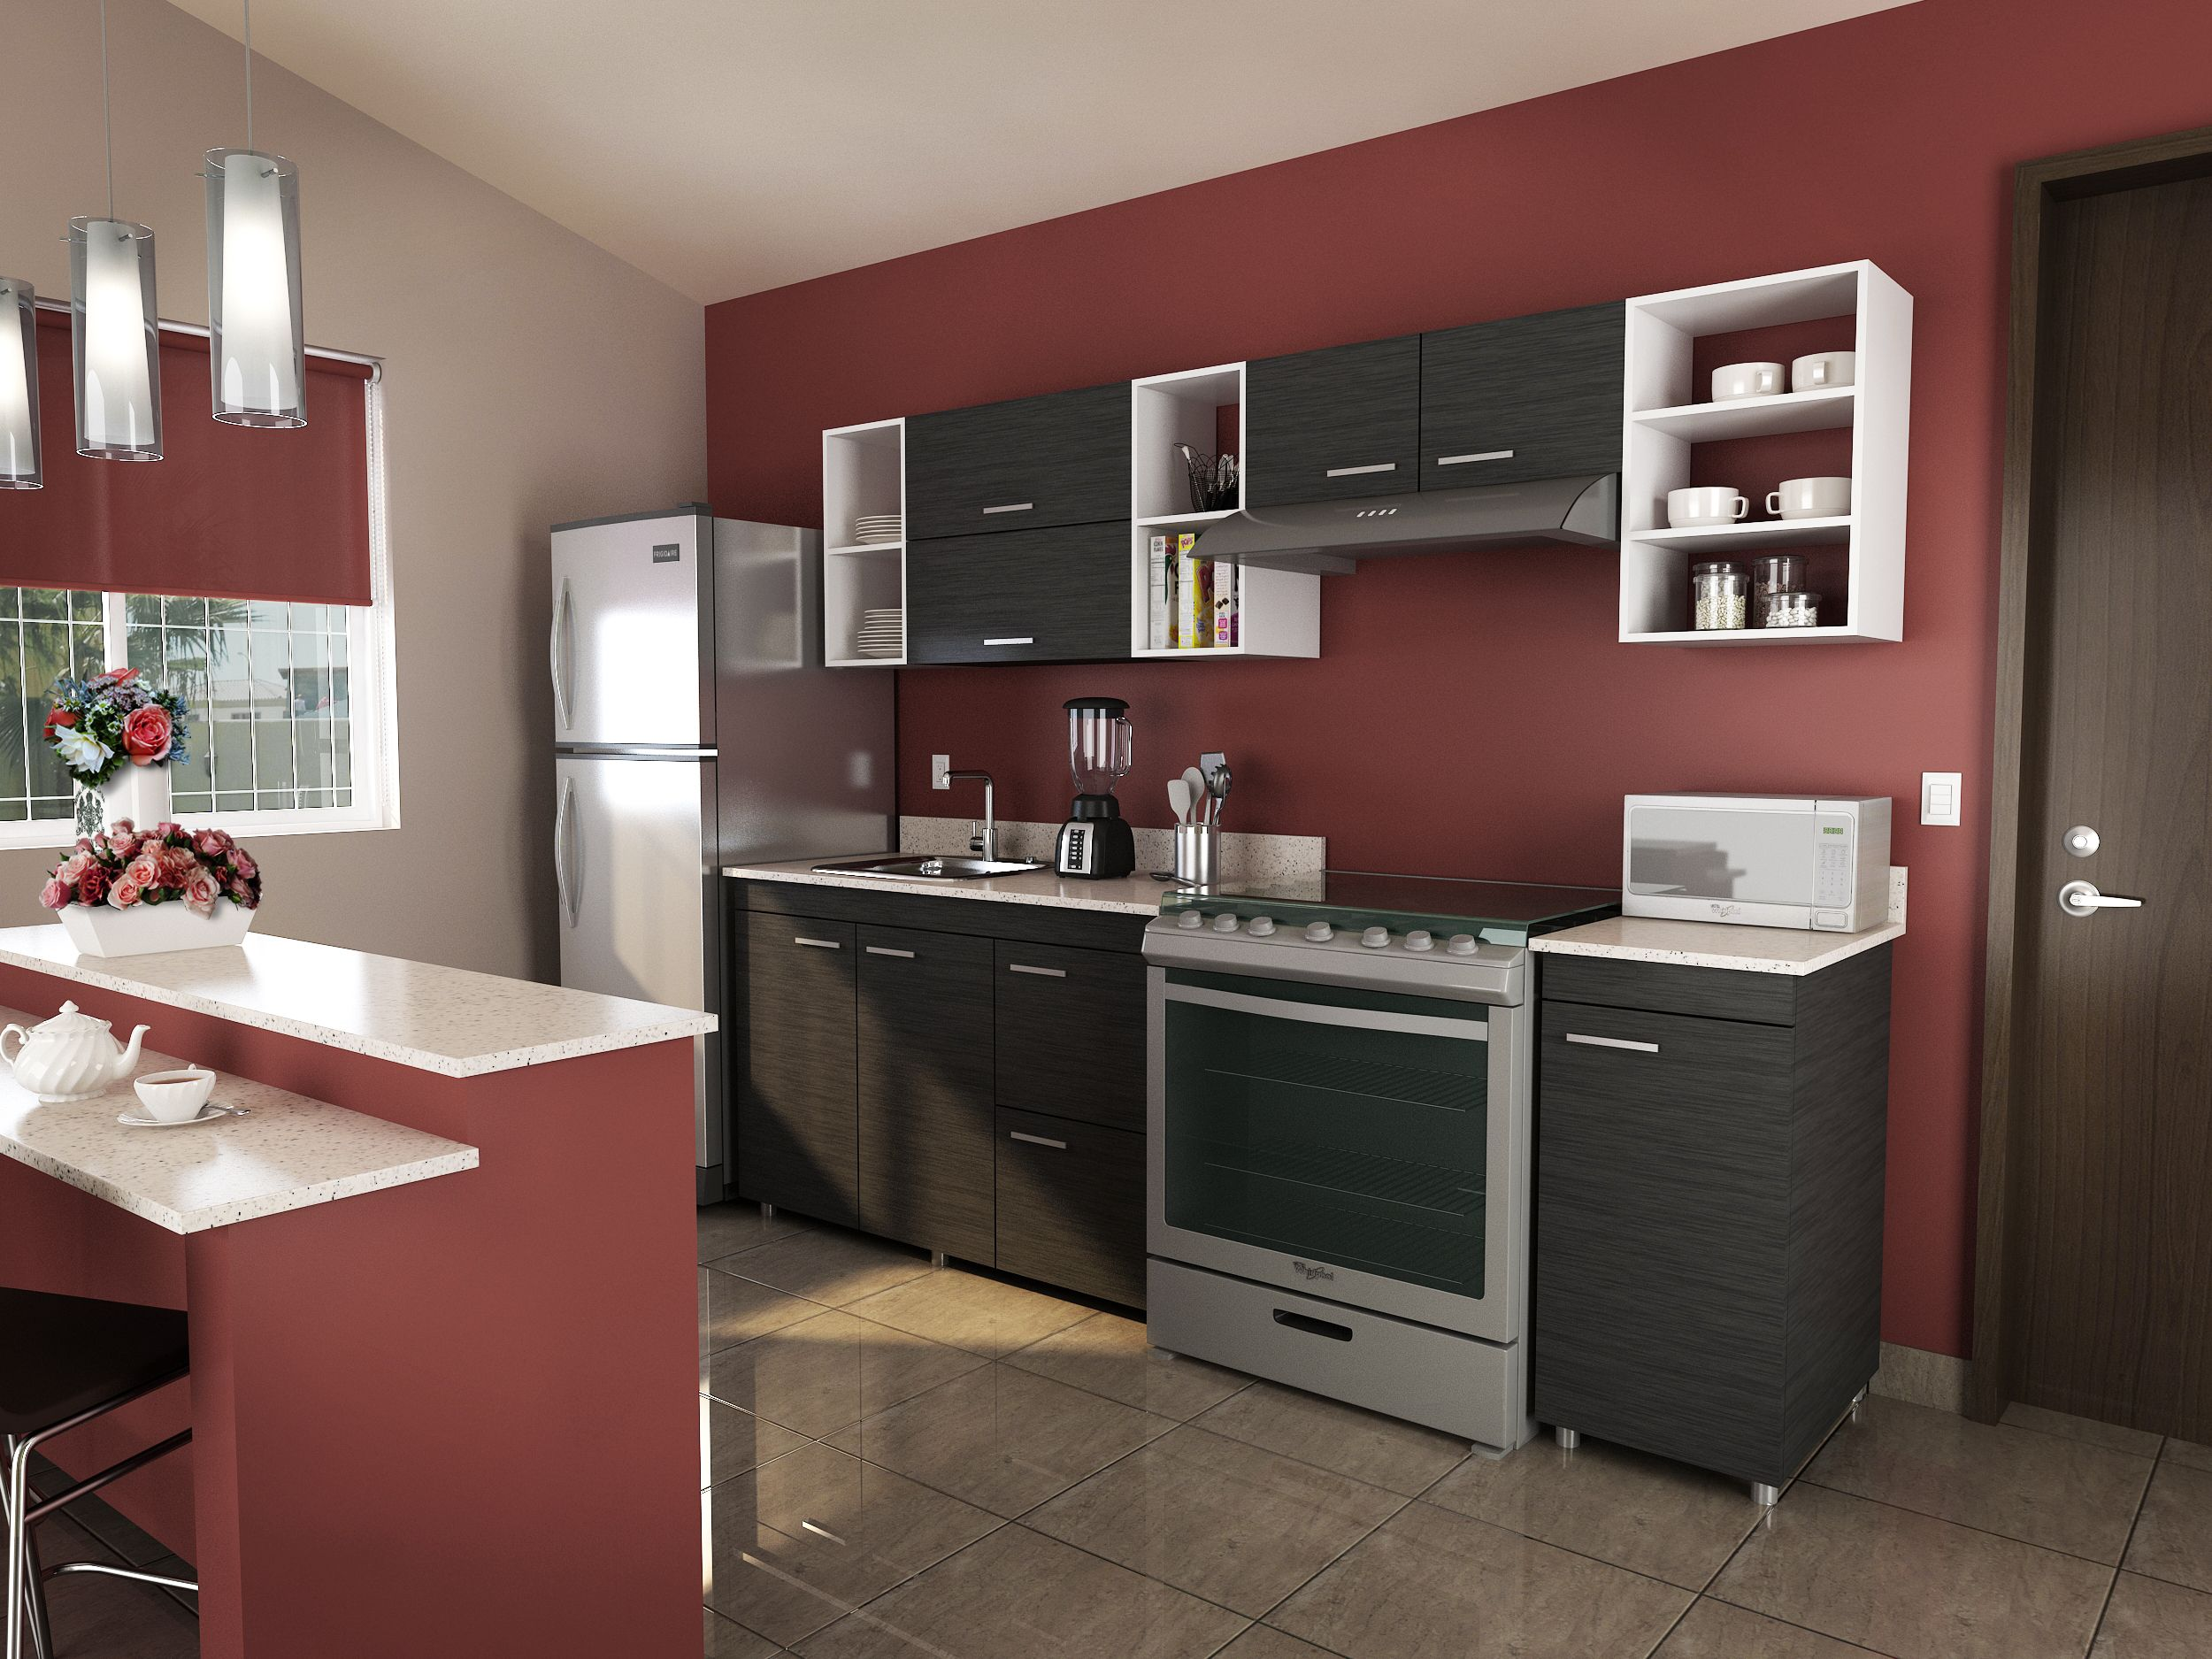 Renueva tu cocina con gabinetes color gris y combina con un tono ...